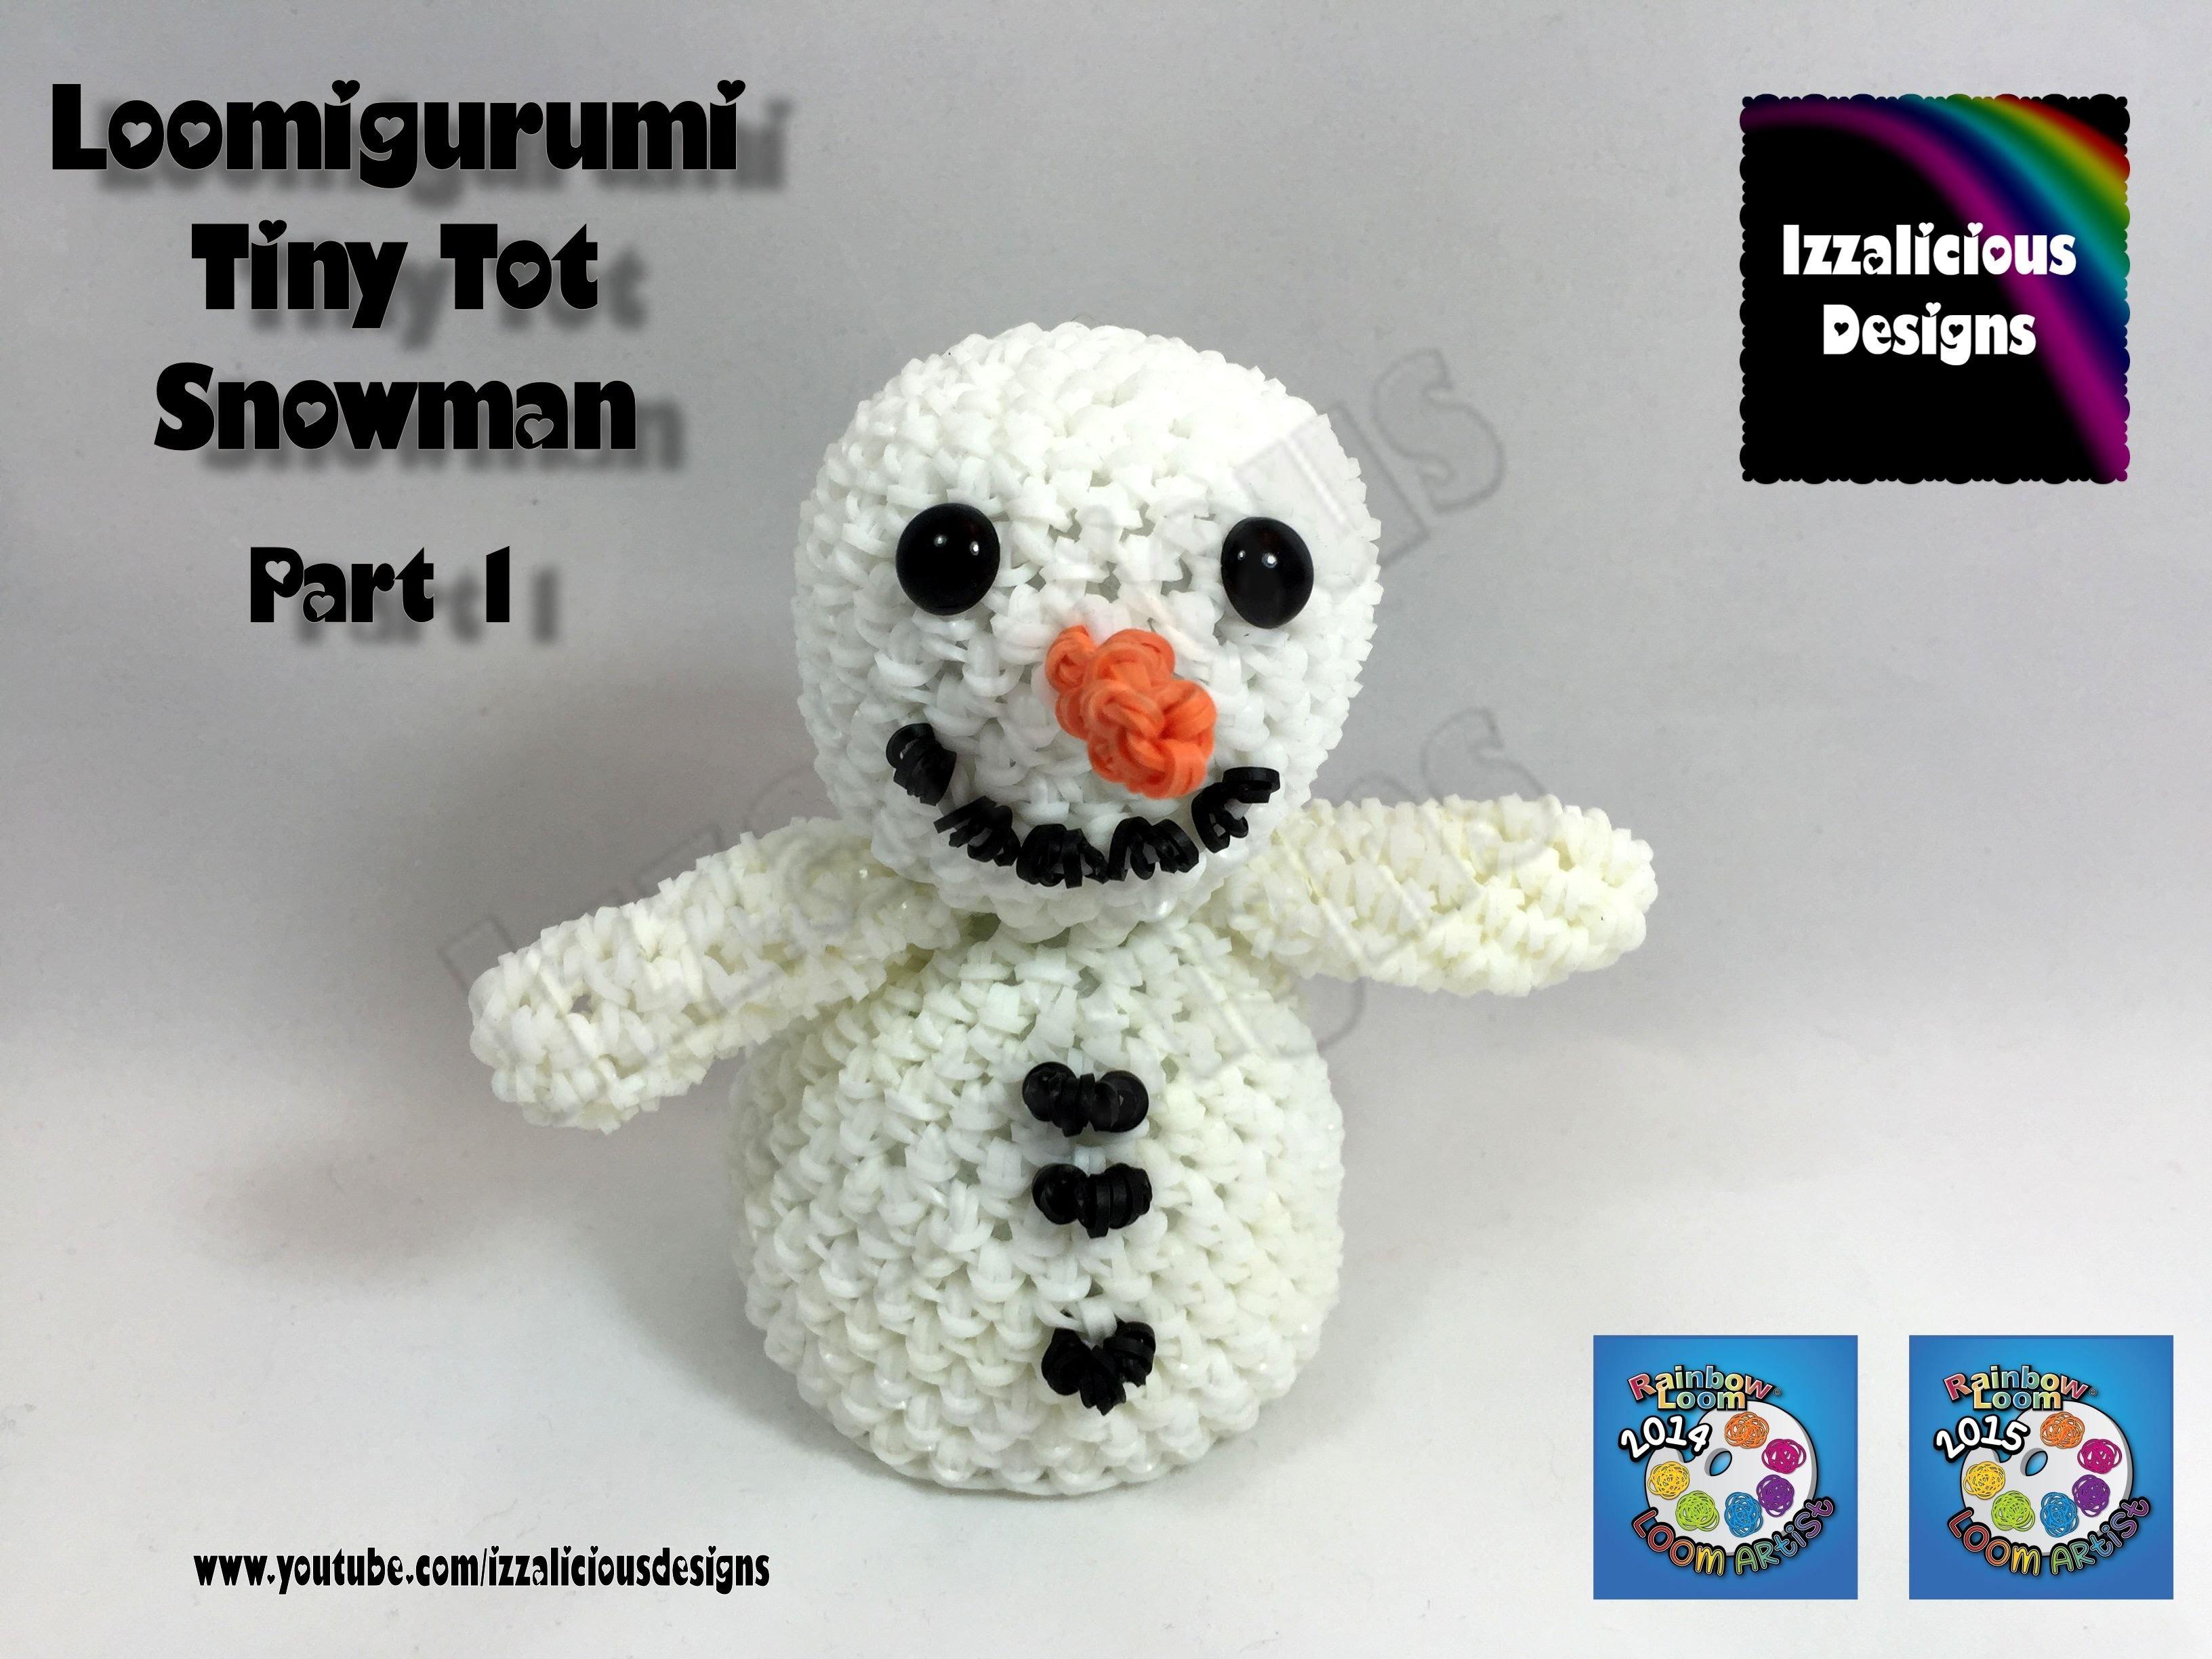 Loomigurumi Snowman (Pt 1) Tiny Tot Christmas Figure - amigurumi w. Rainbow Loom Bands